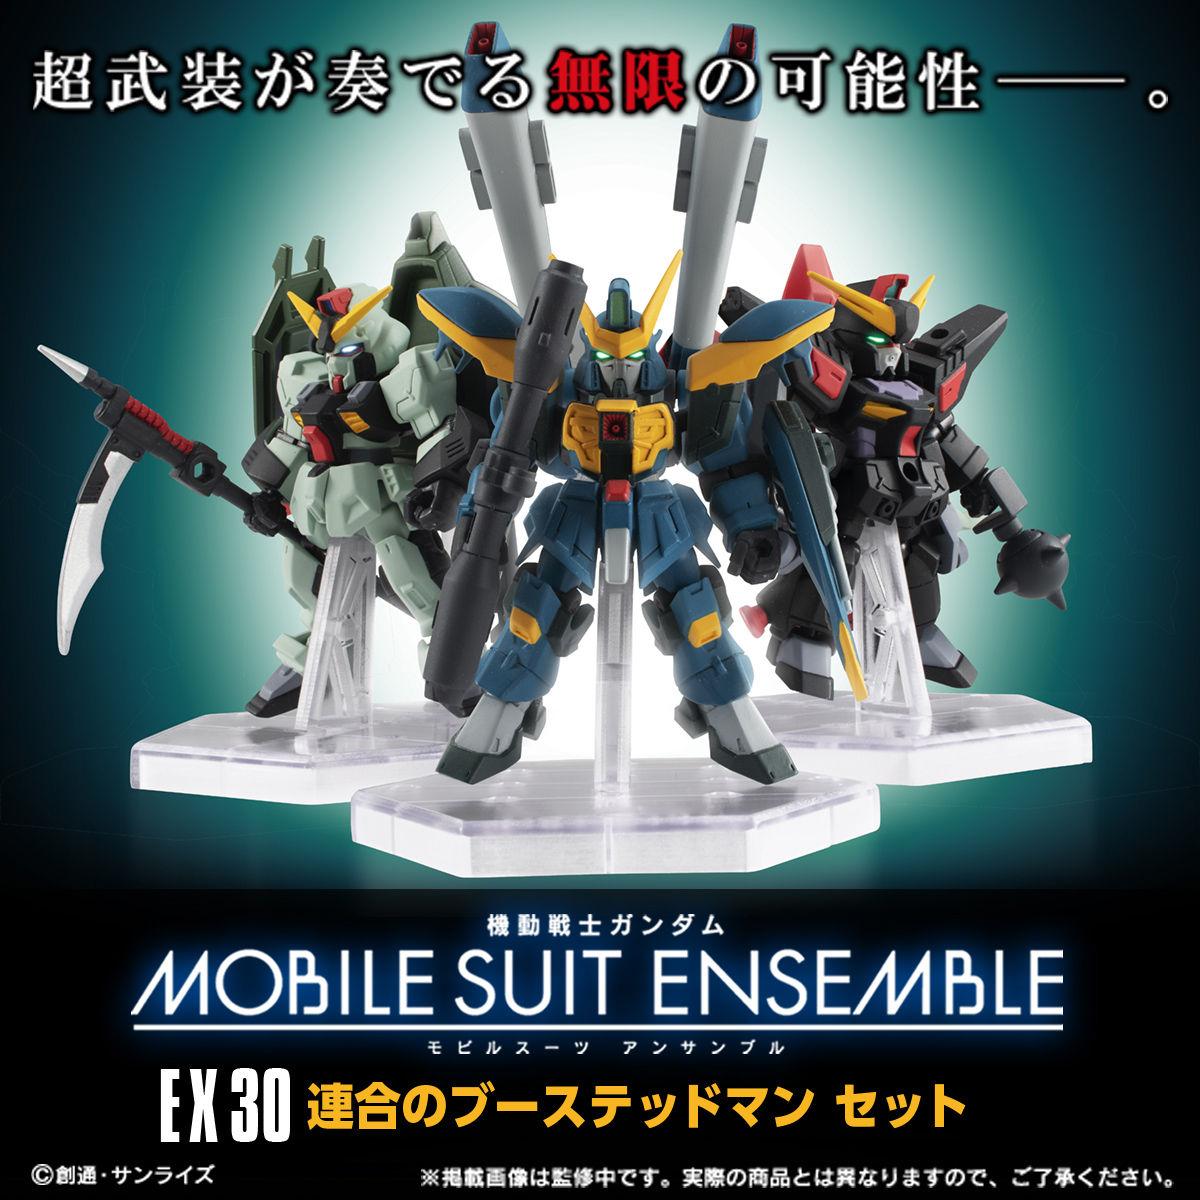 【限定販売】MOBILE SUIT ENSEMBLE『EX30 連合のブーステッドマン セット』デフォルメ可動フィギュア-001